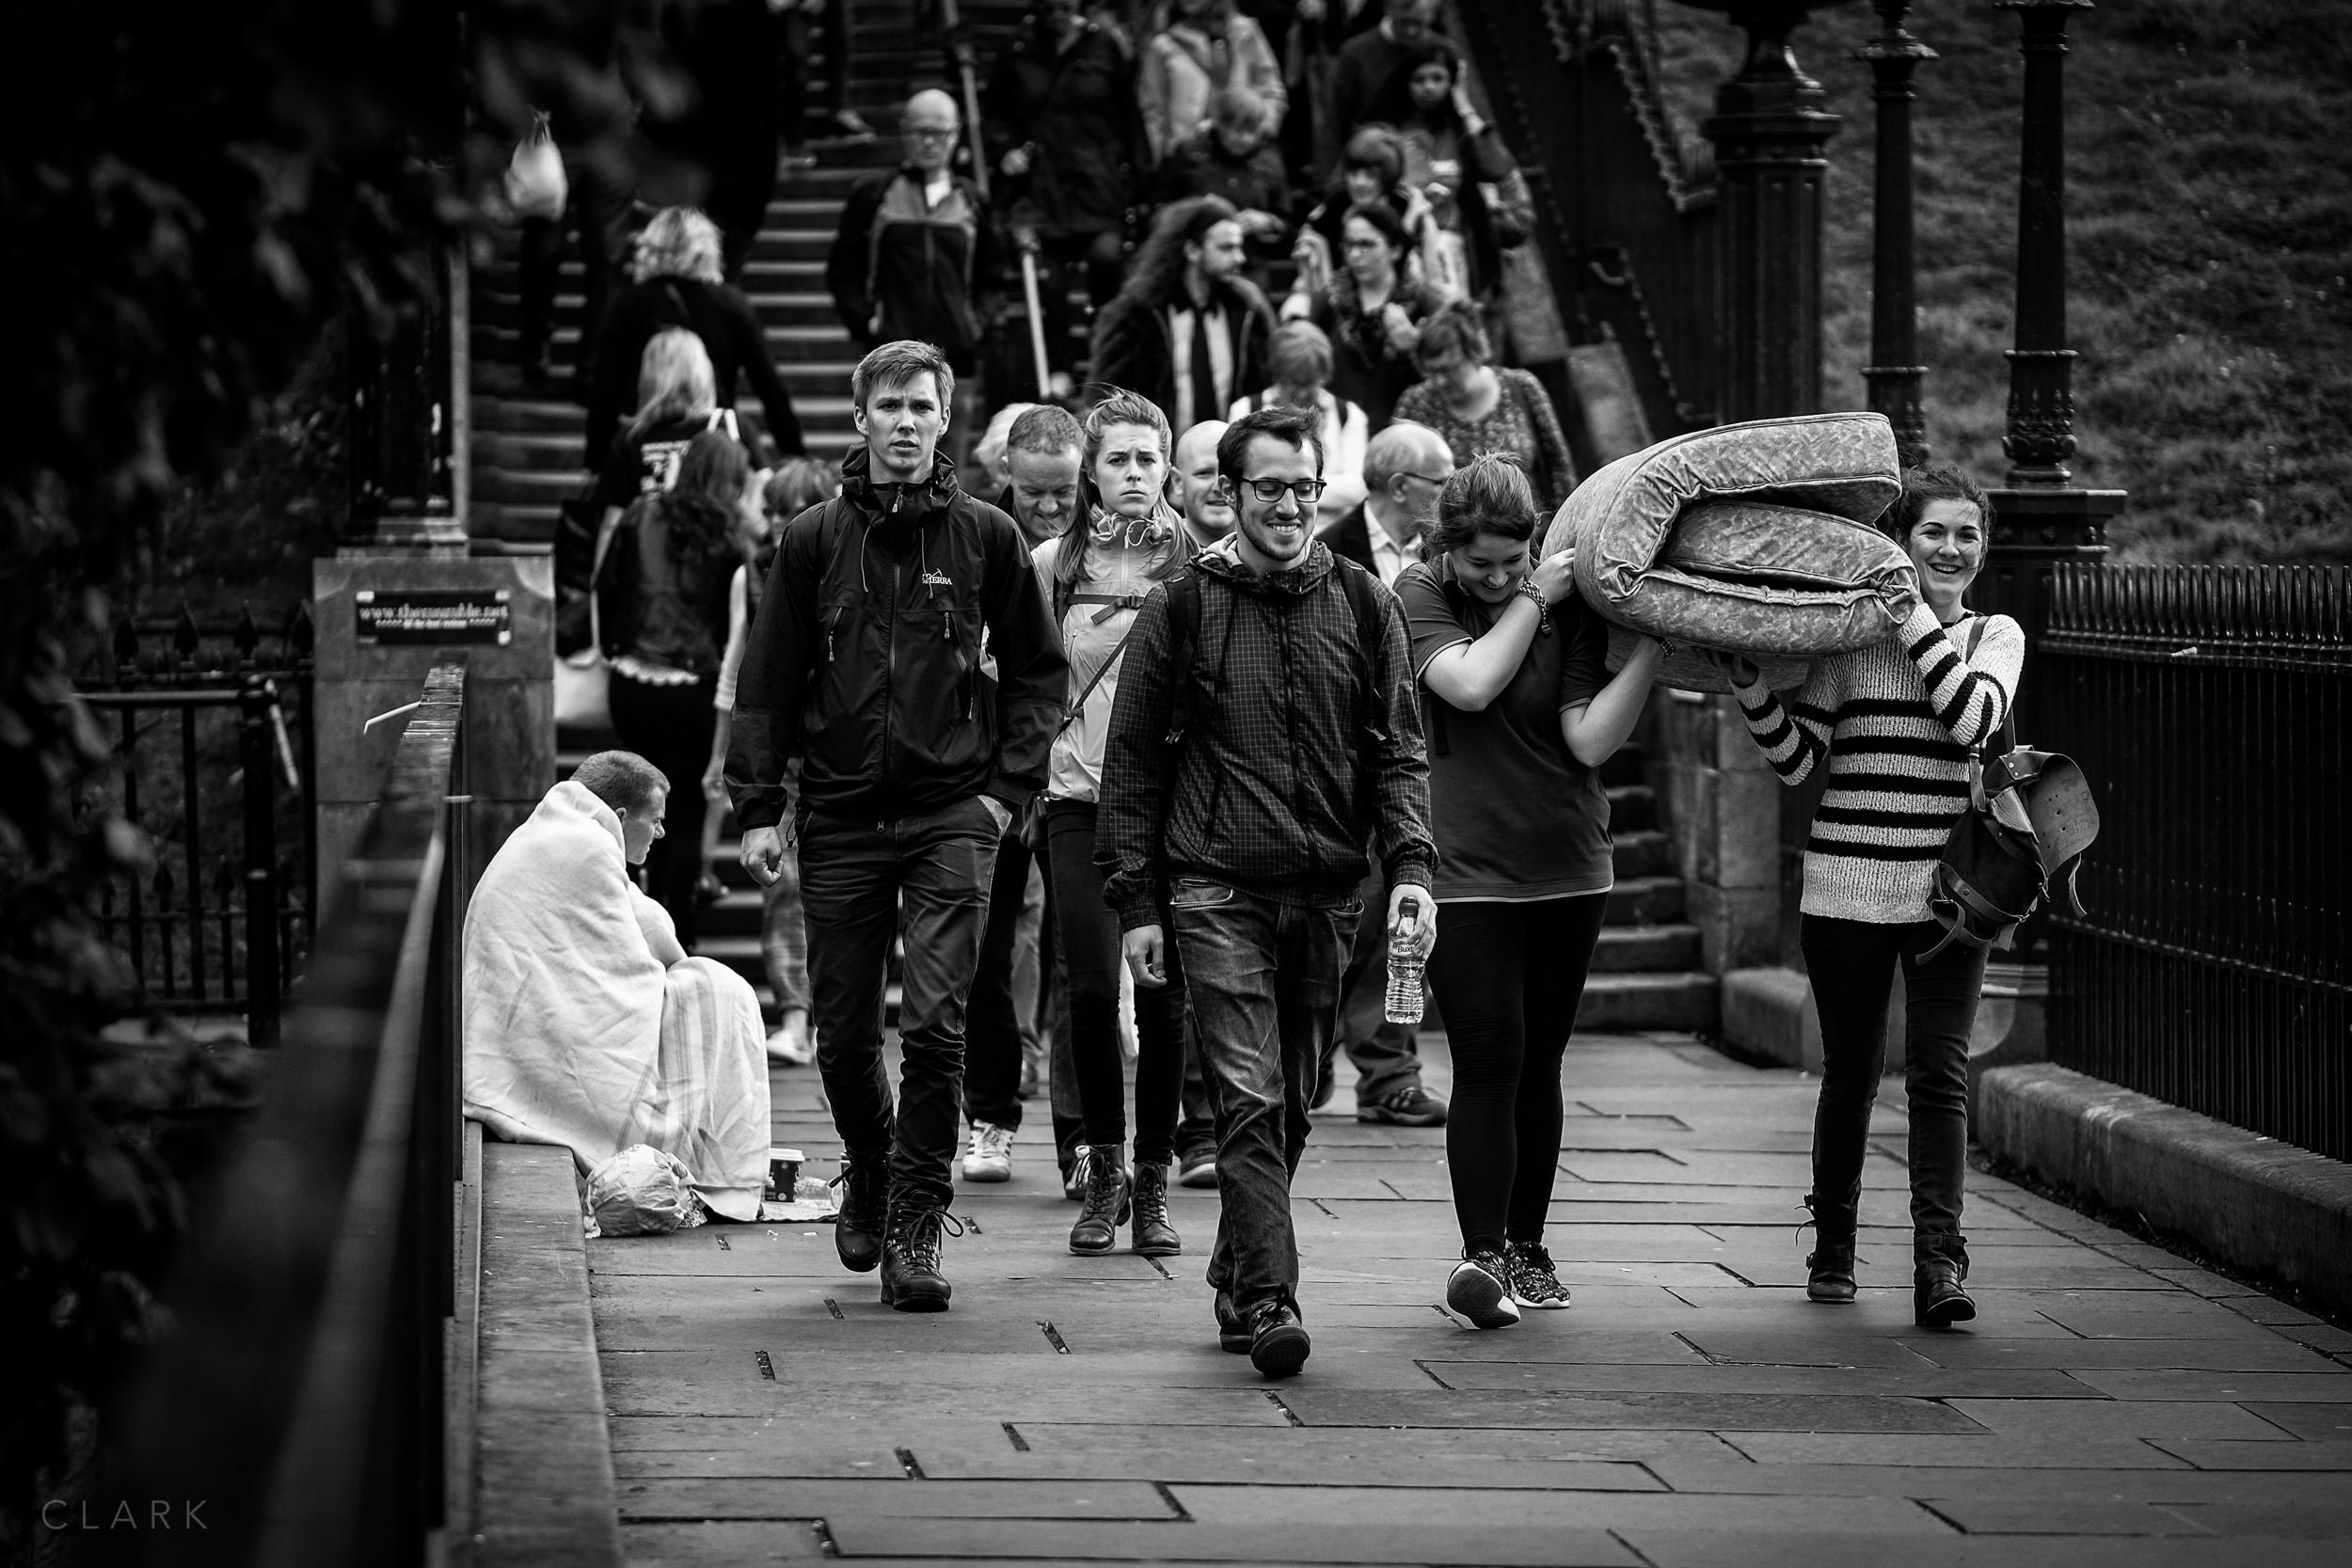 015_DerekClarkPhoto-Street_Portfolio.jpg